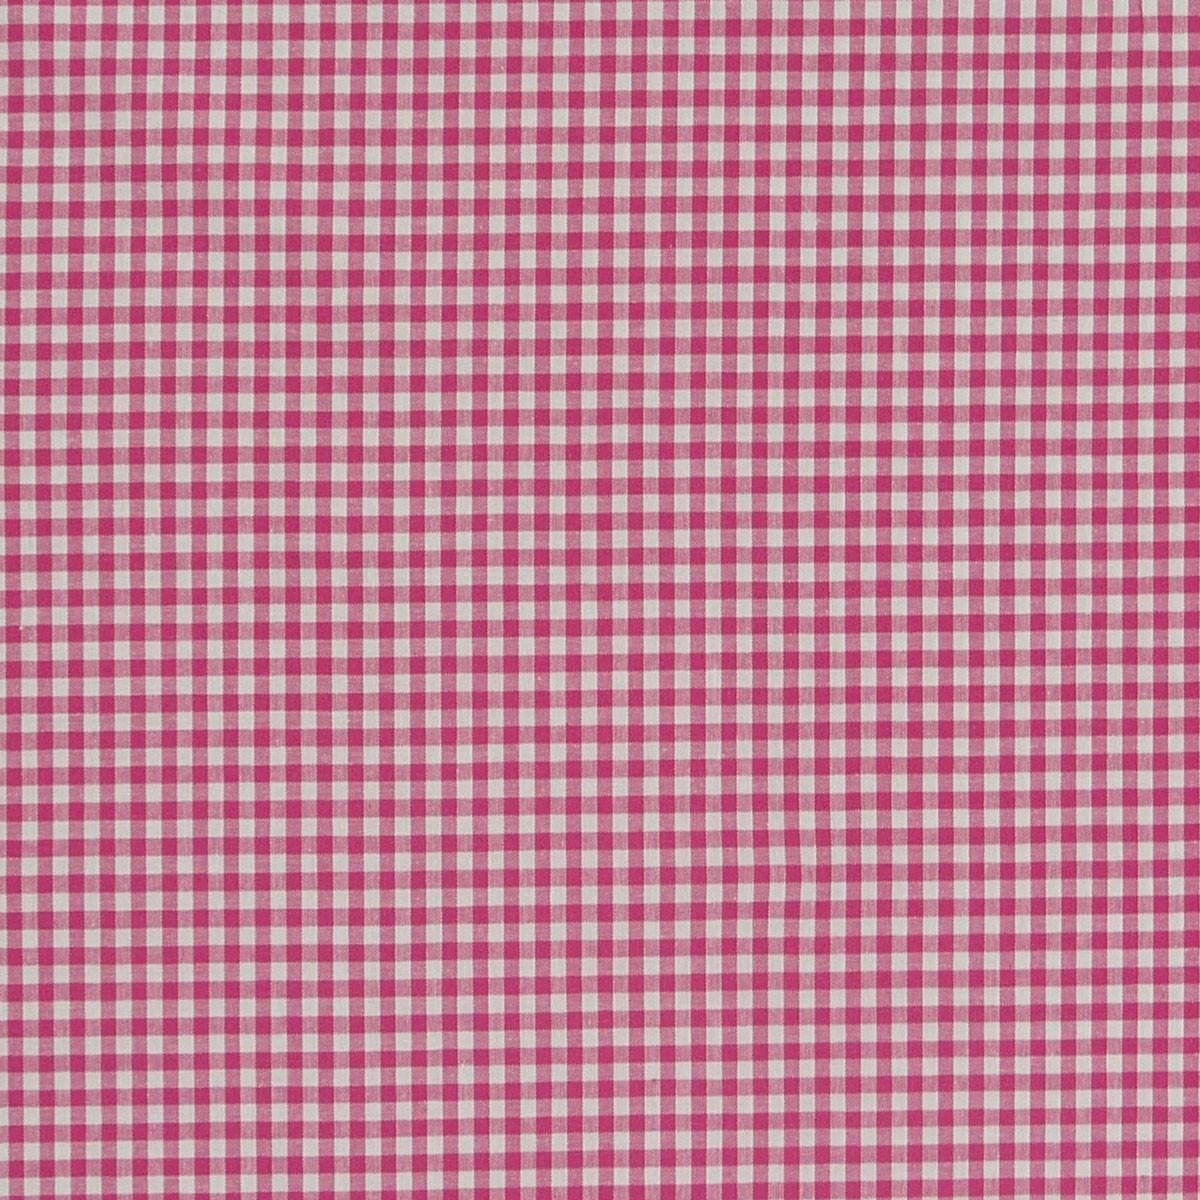 Baumwollstoff kariert weiß pink 5mm